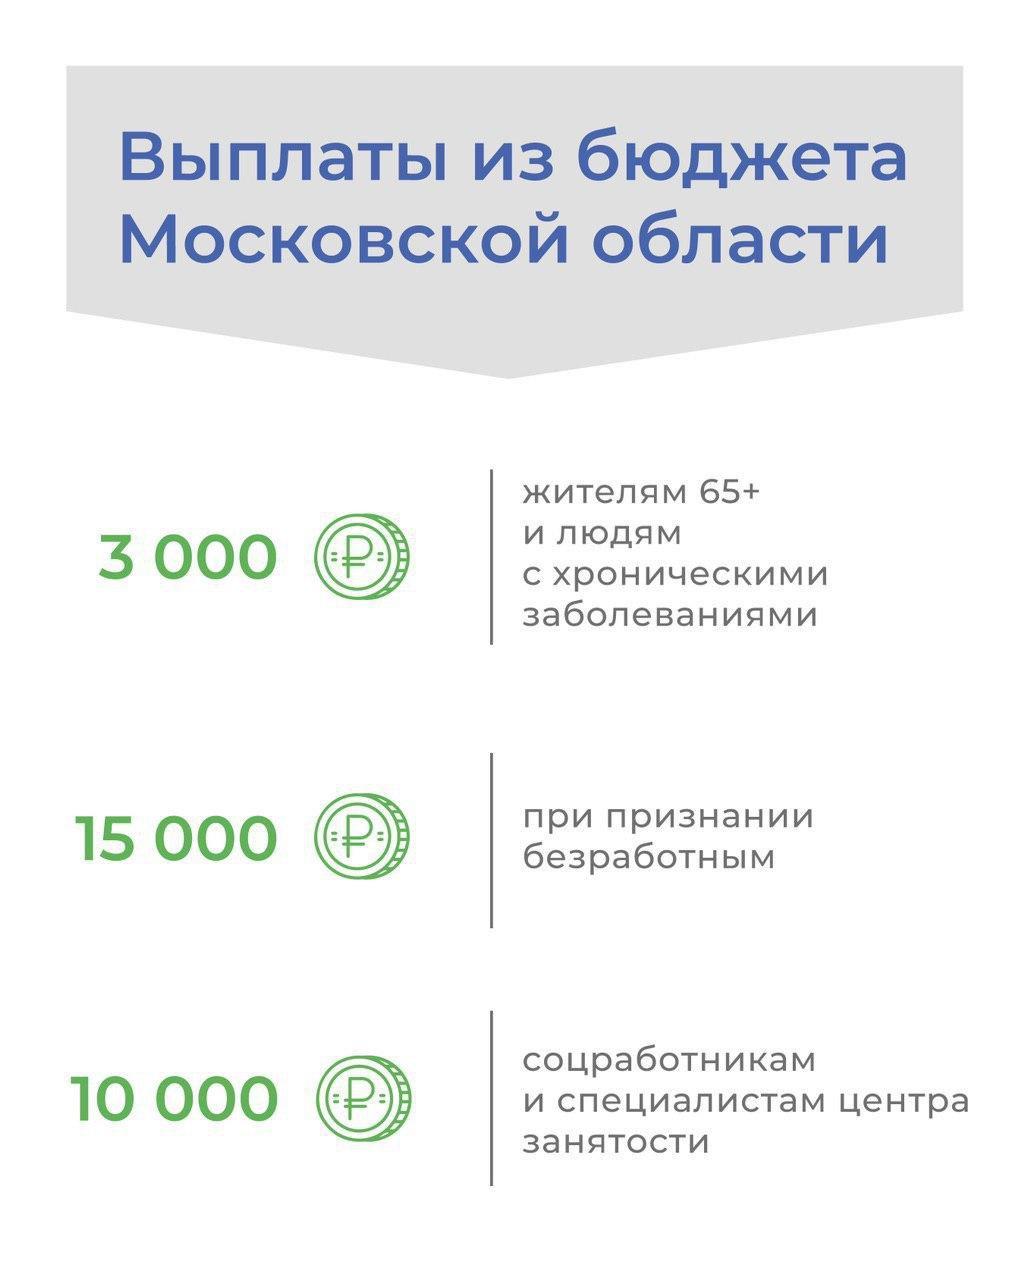 Андрей Воробьев губернатор московской области - Выплаты из регионального бюджета